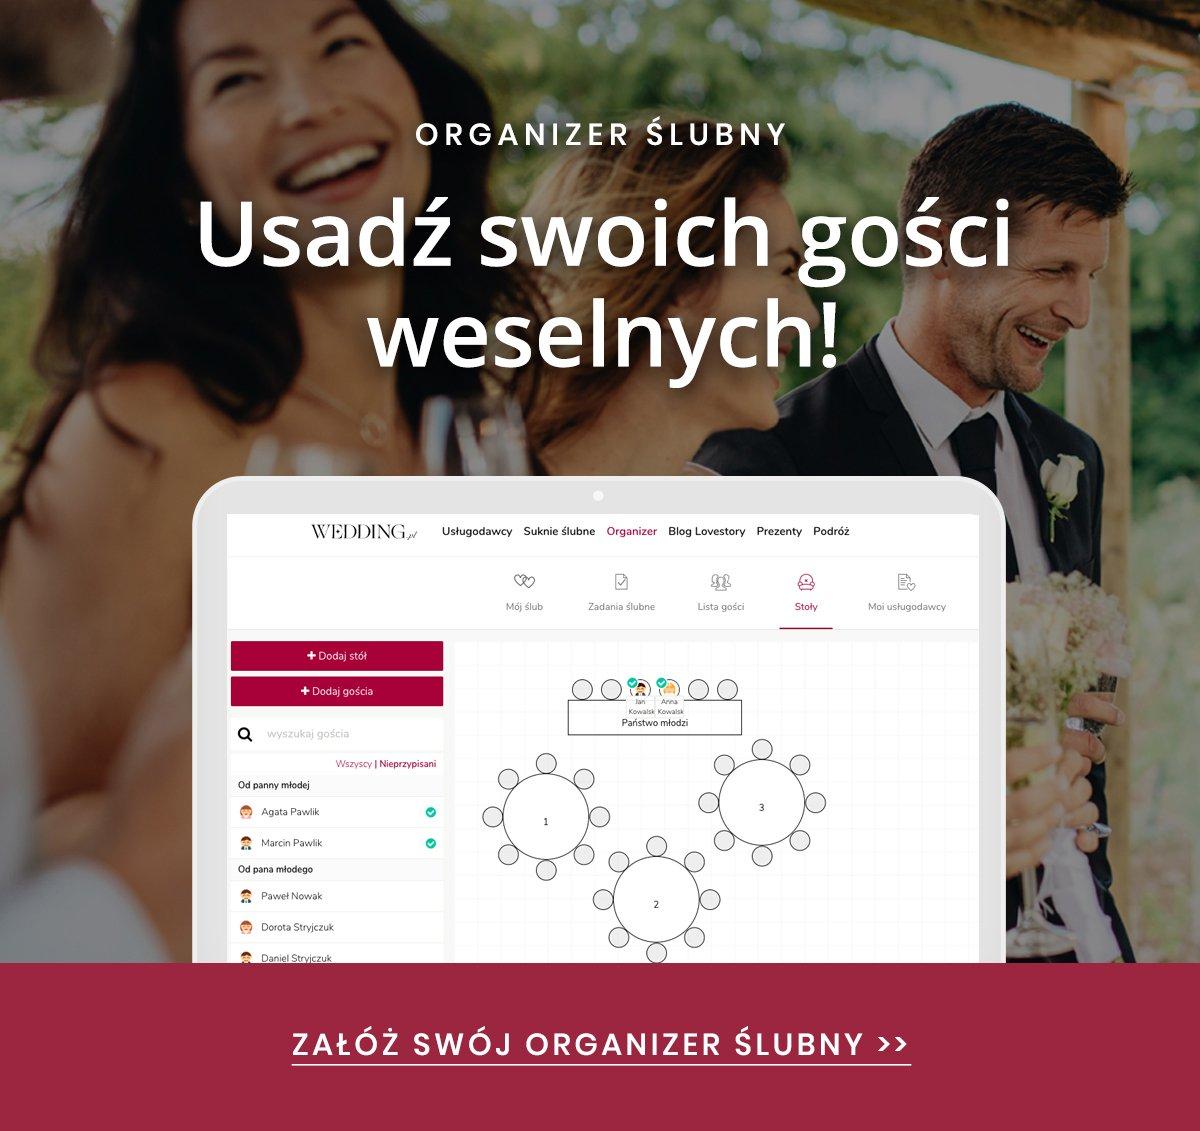 organizer ślubny online - usadzenie gości przy stołach